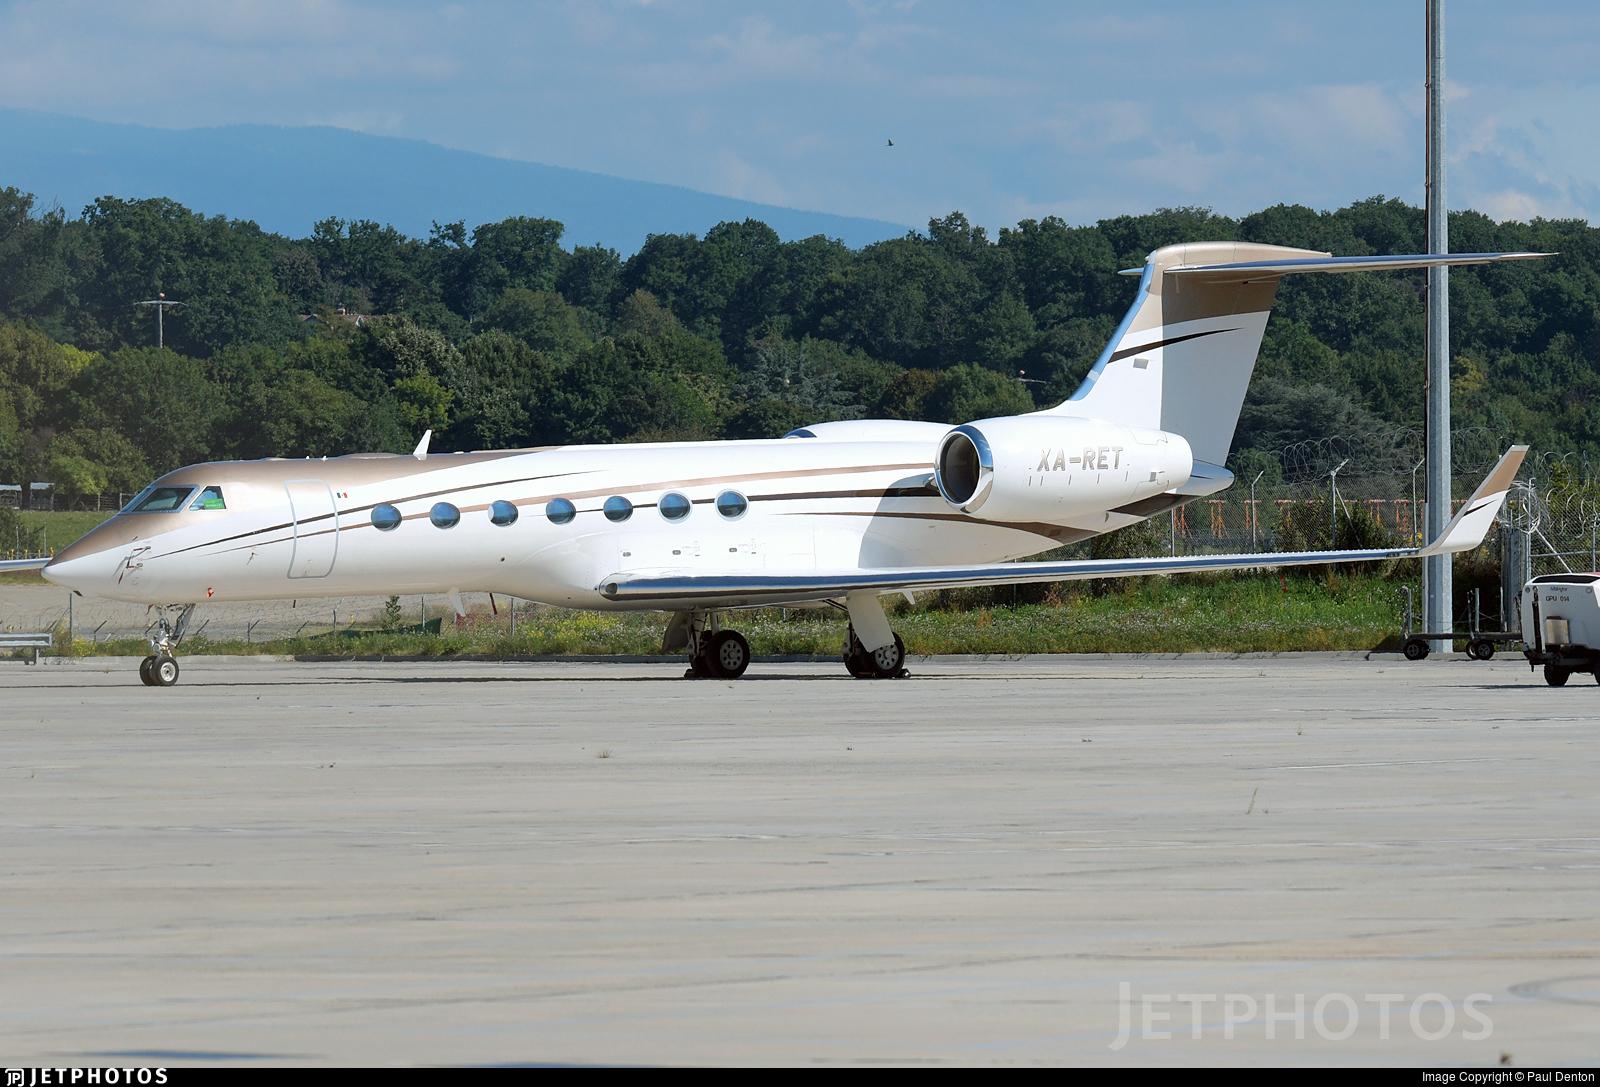 XA-RET - Gulfstream G550 - Private